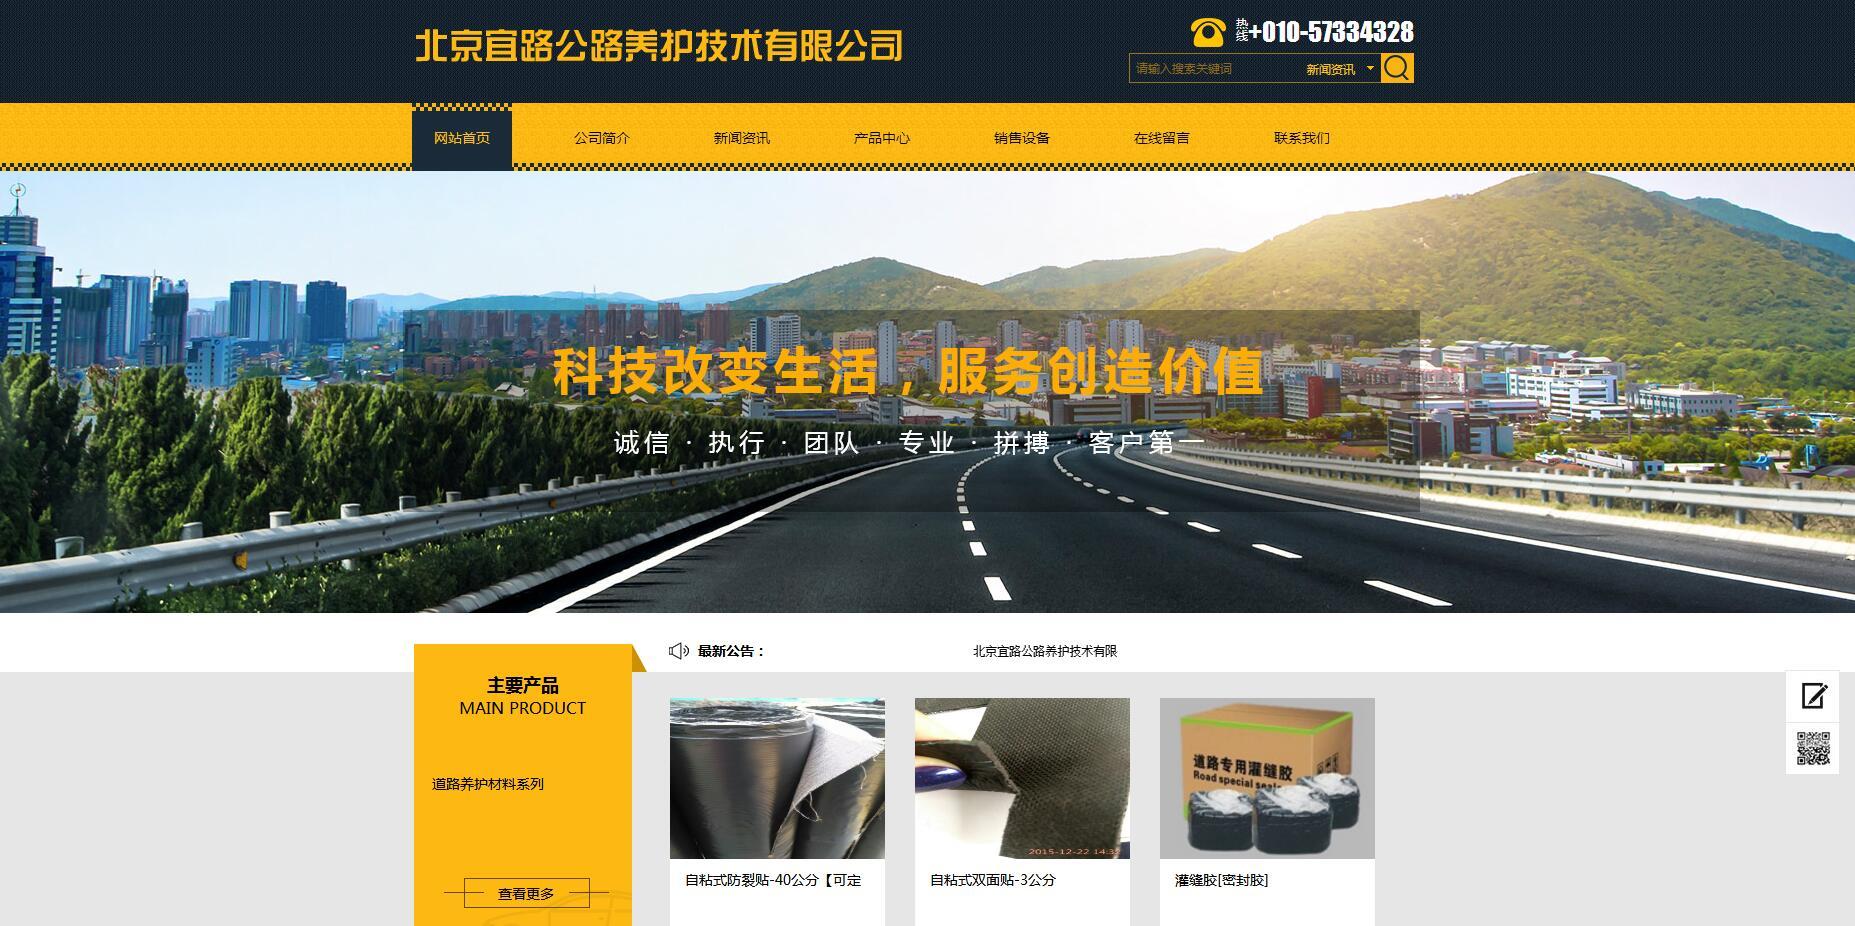 北京长子营网站建设公司